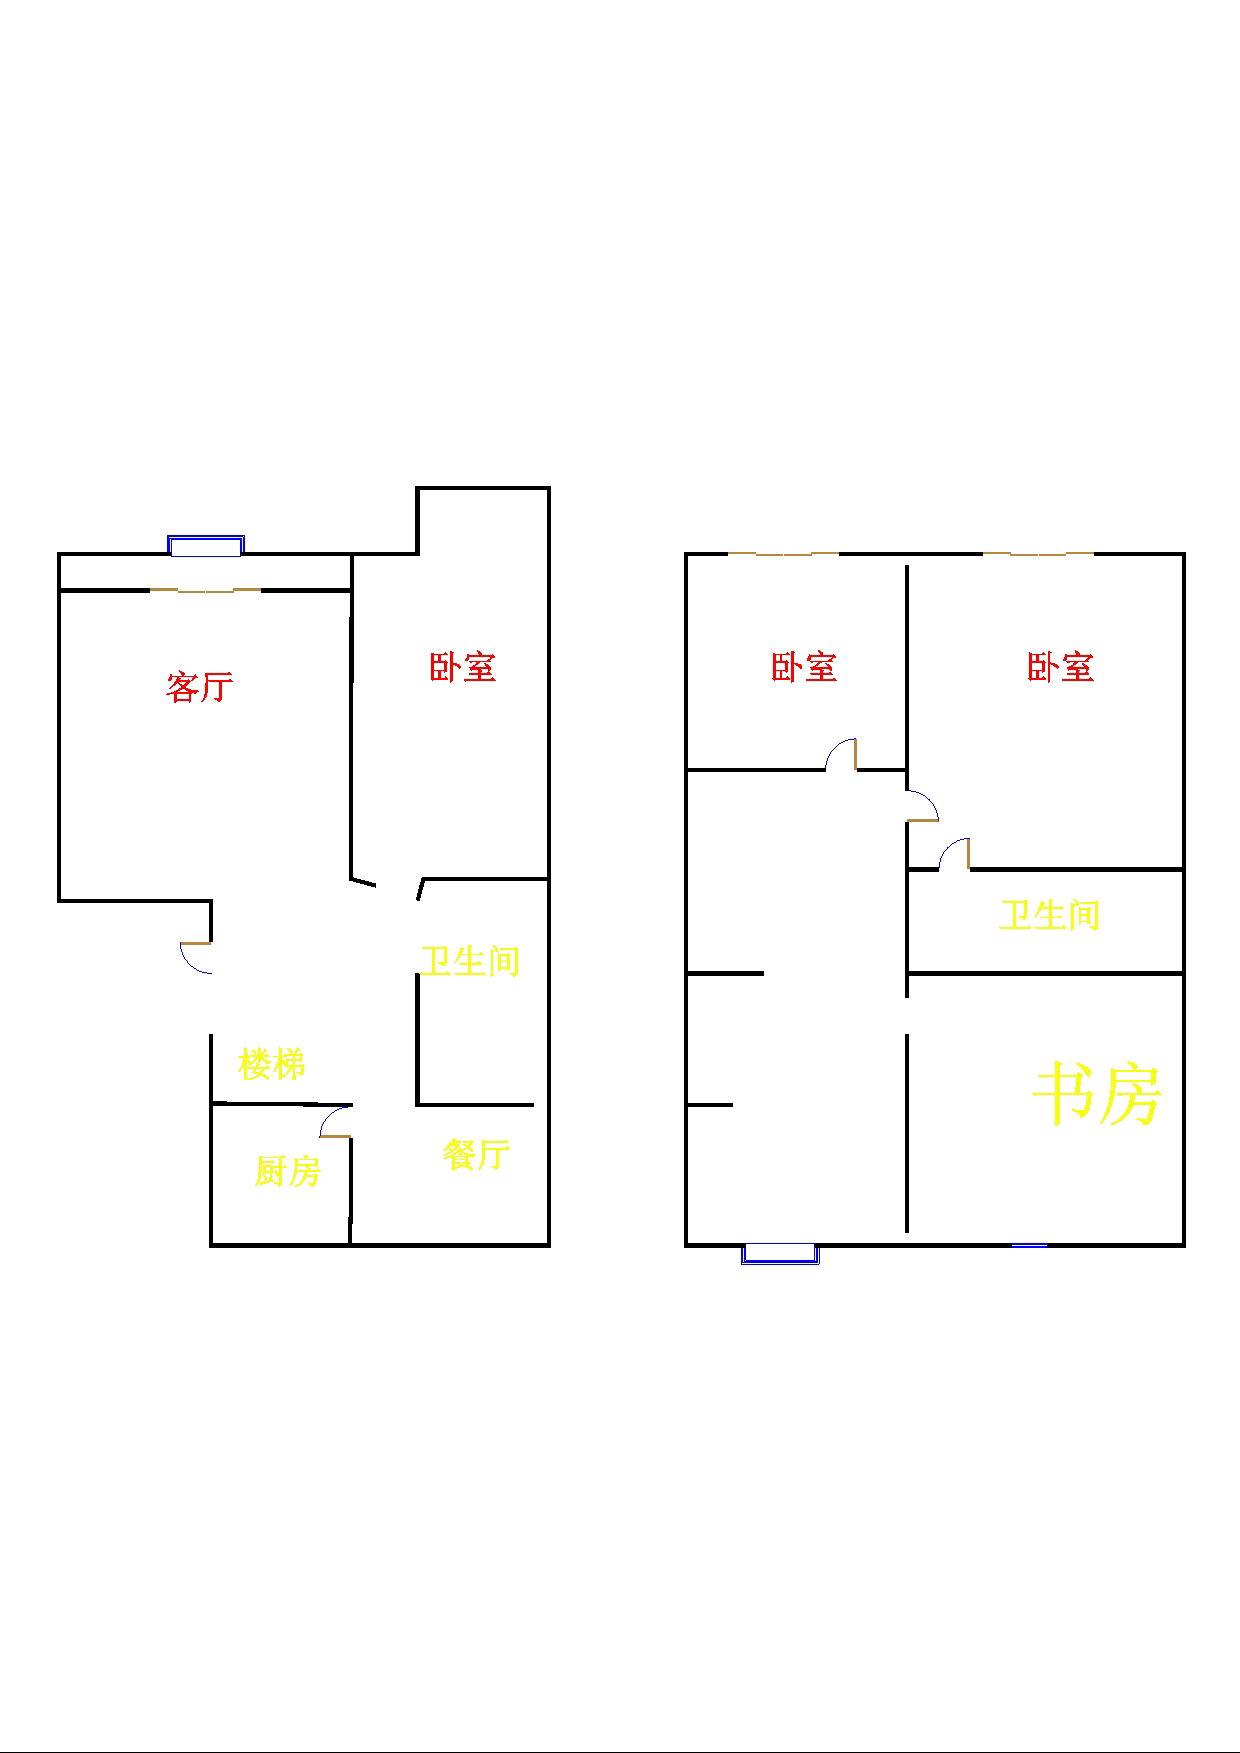 高地世纪城 4室2厅 5楼